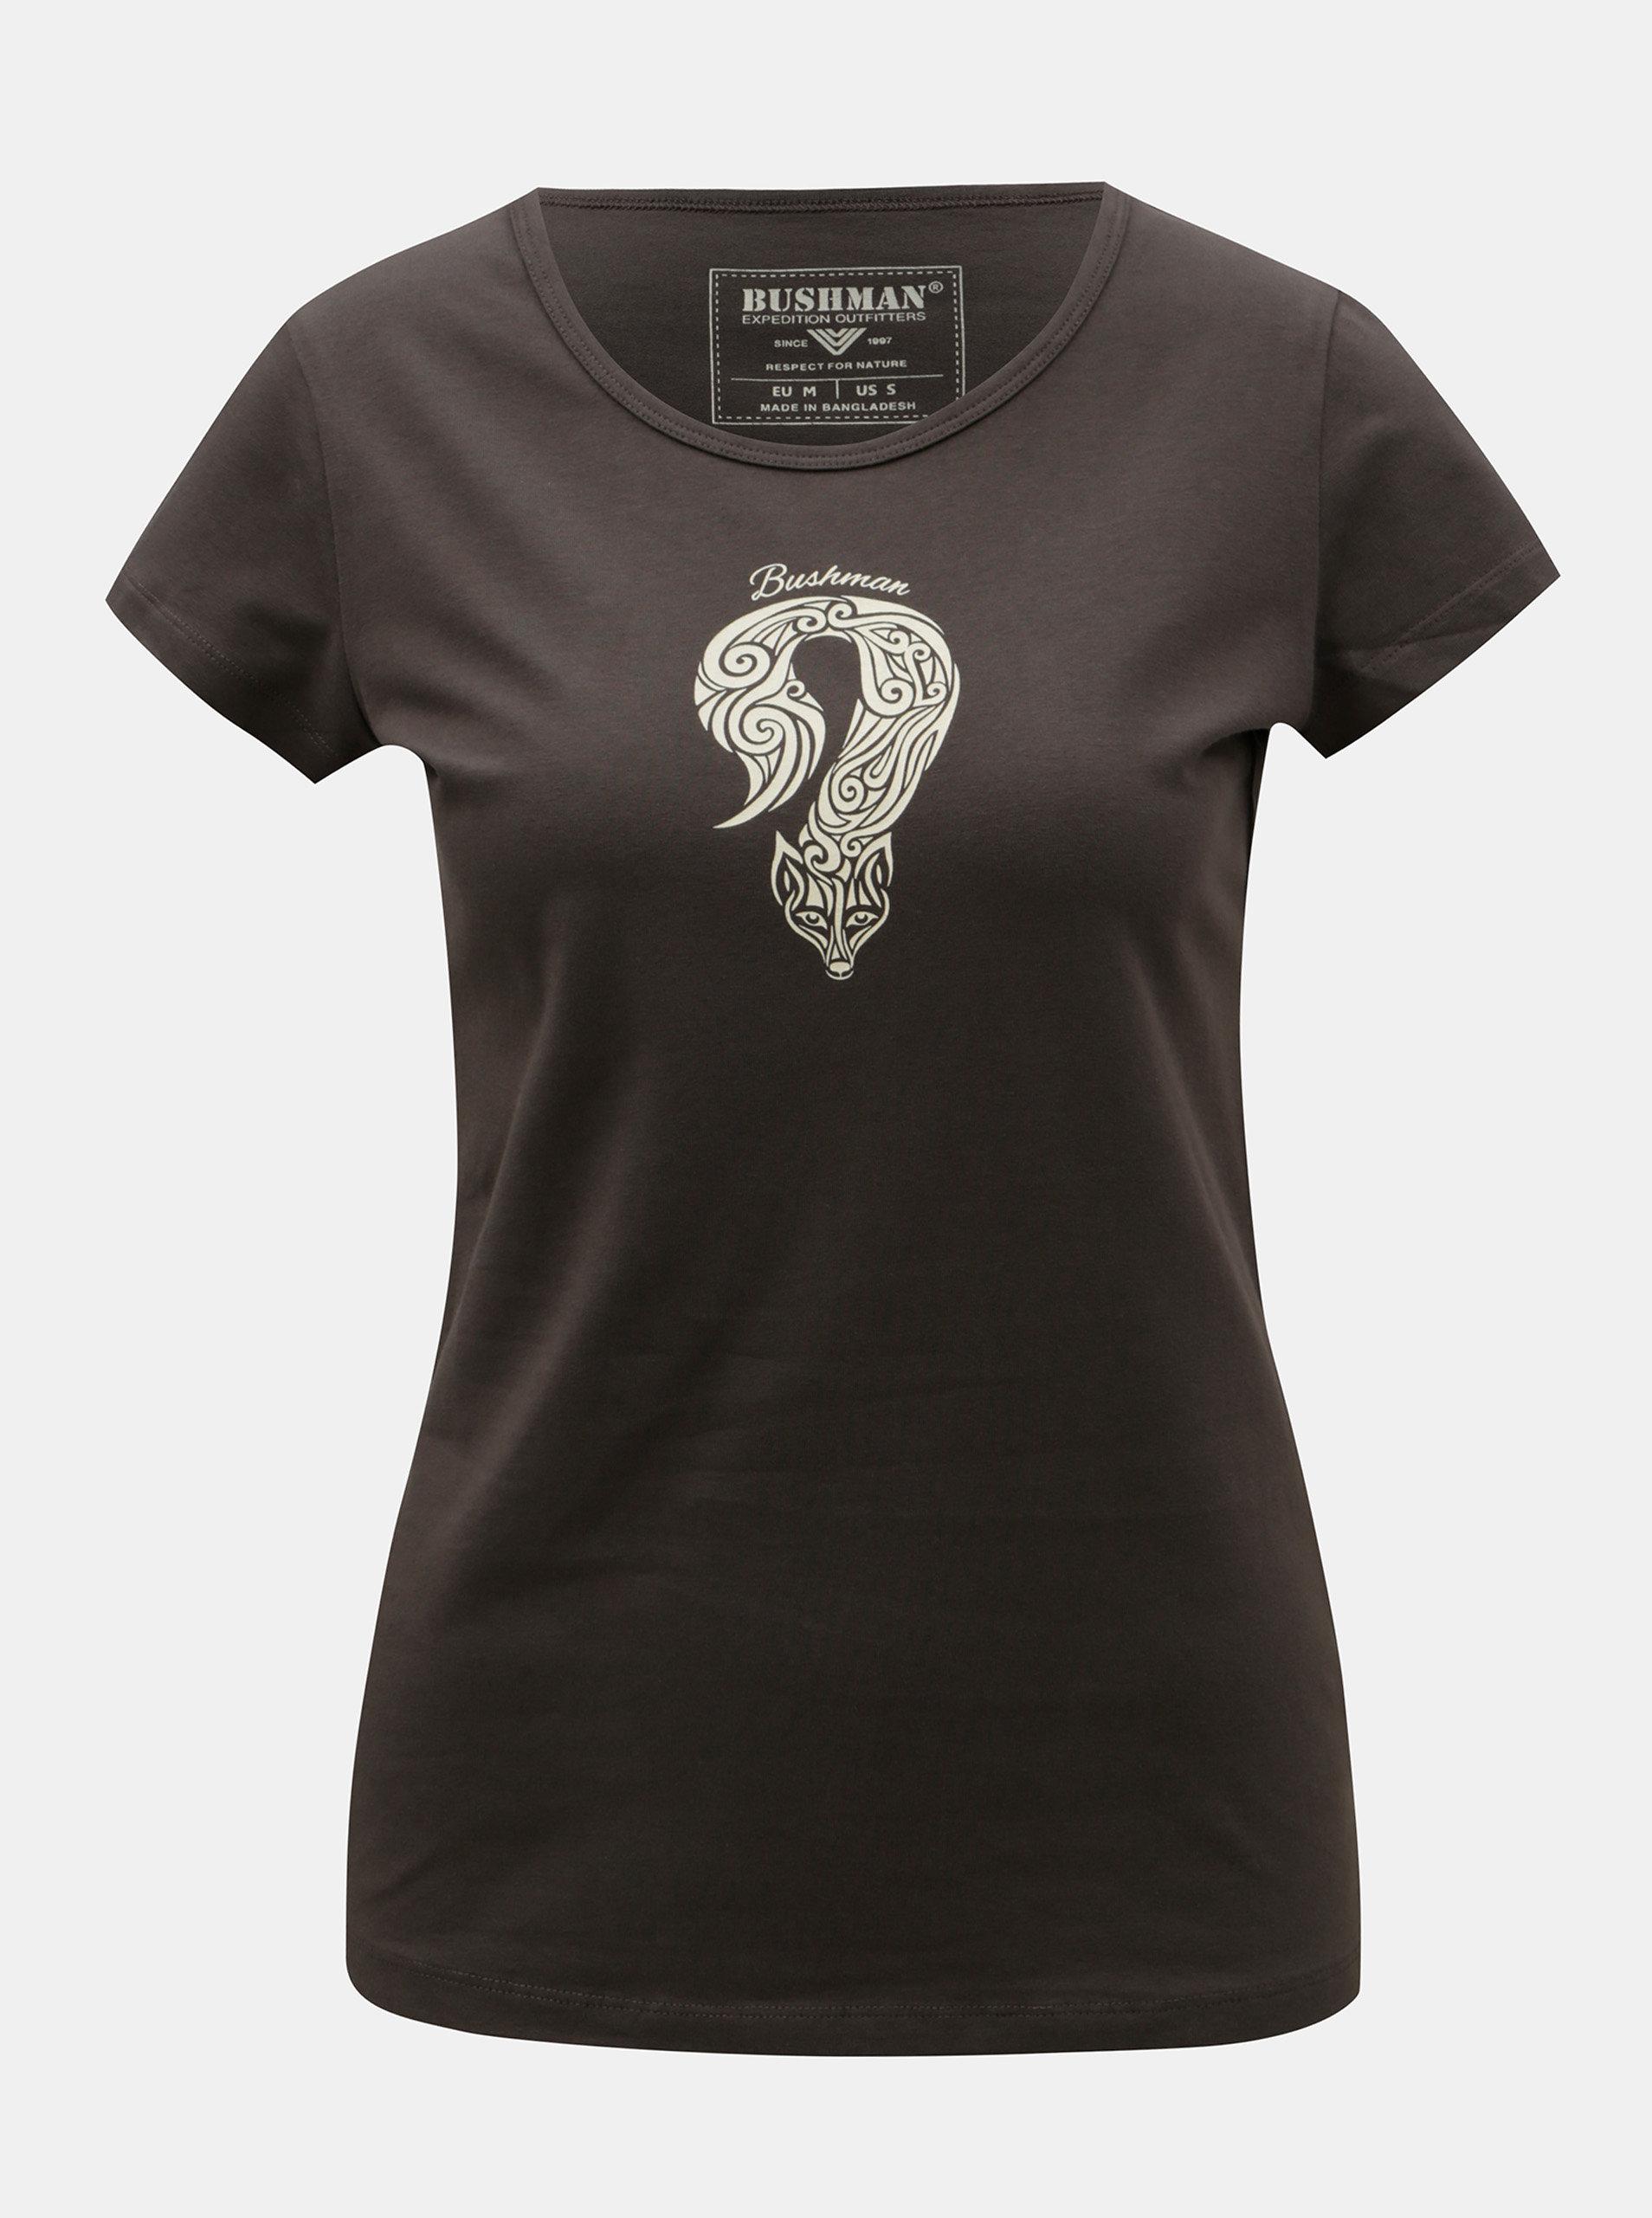 Hnědé dámské tričko s potiskem BUSHMAN Lodi ... 921ac05e81